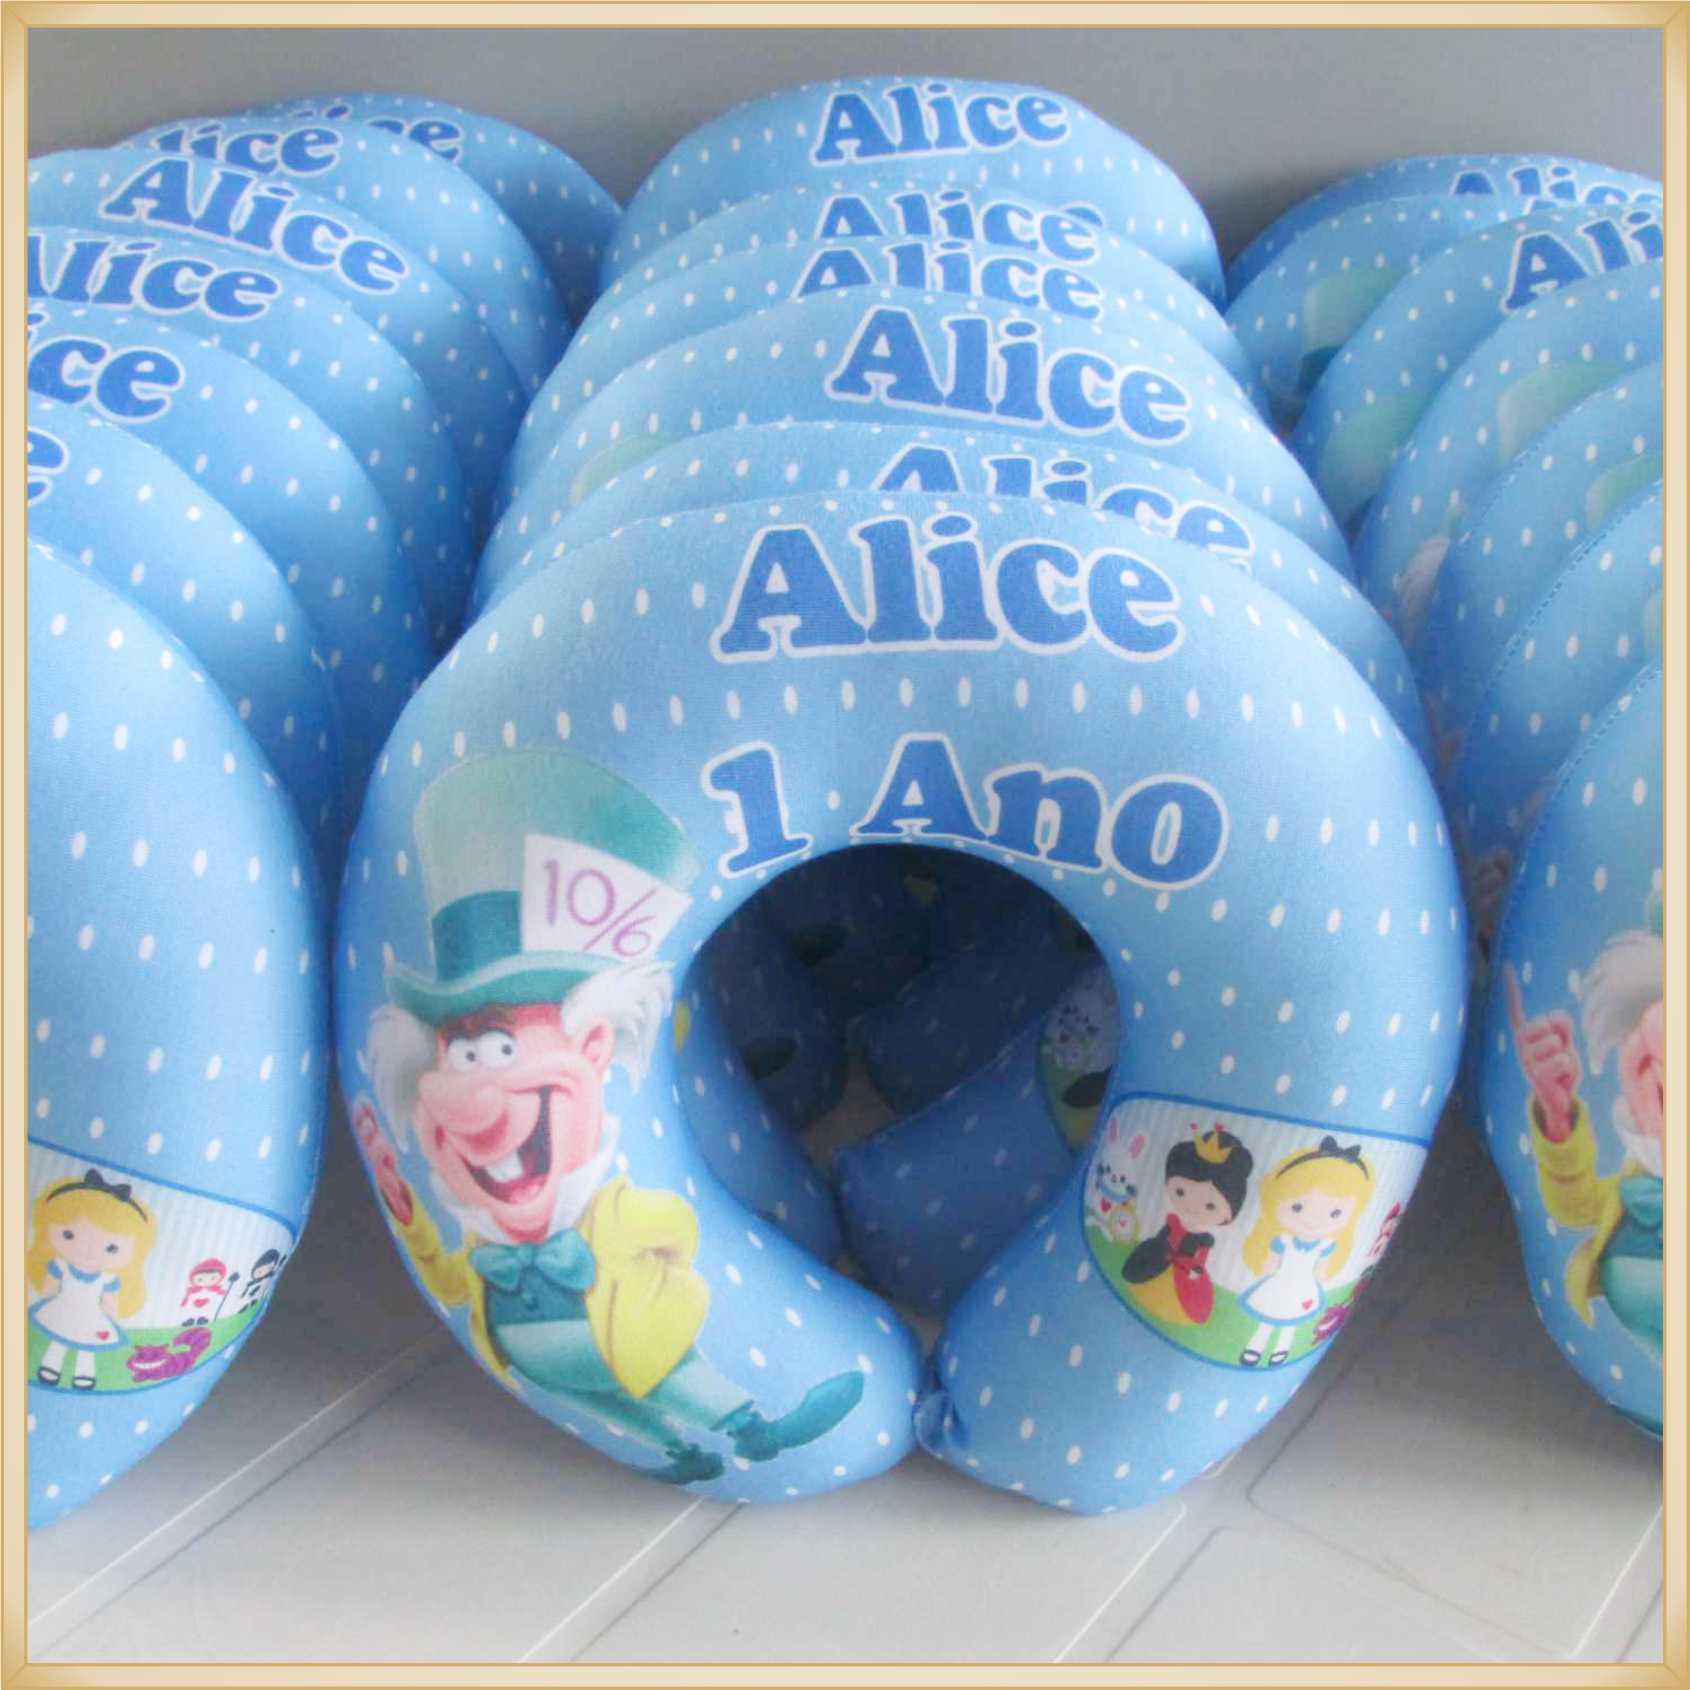 Almofadas apoio de pescoço Travesseiro para viagem Personalizada para Lembrancinha de Aniversário infantil Brindes para criança - Kit com 15 unidades